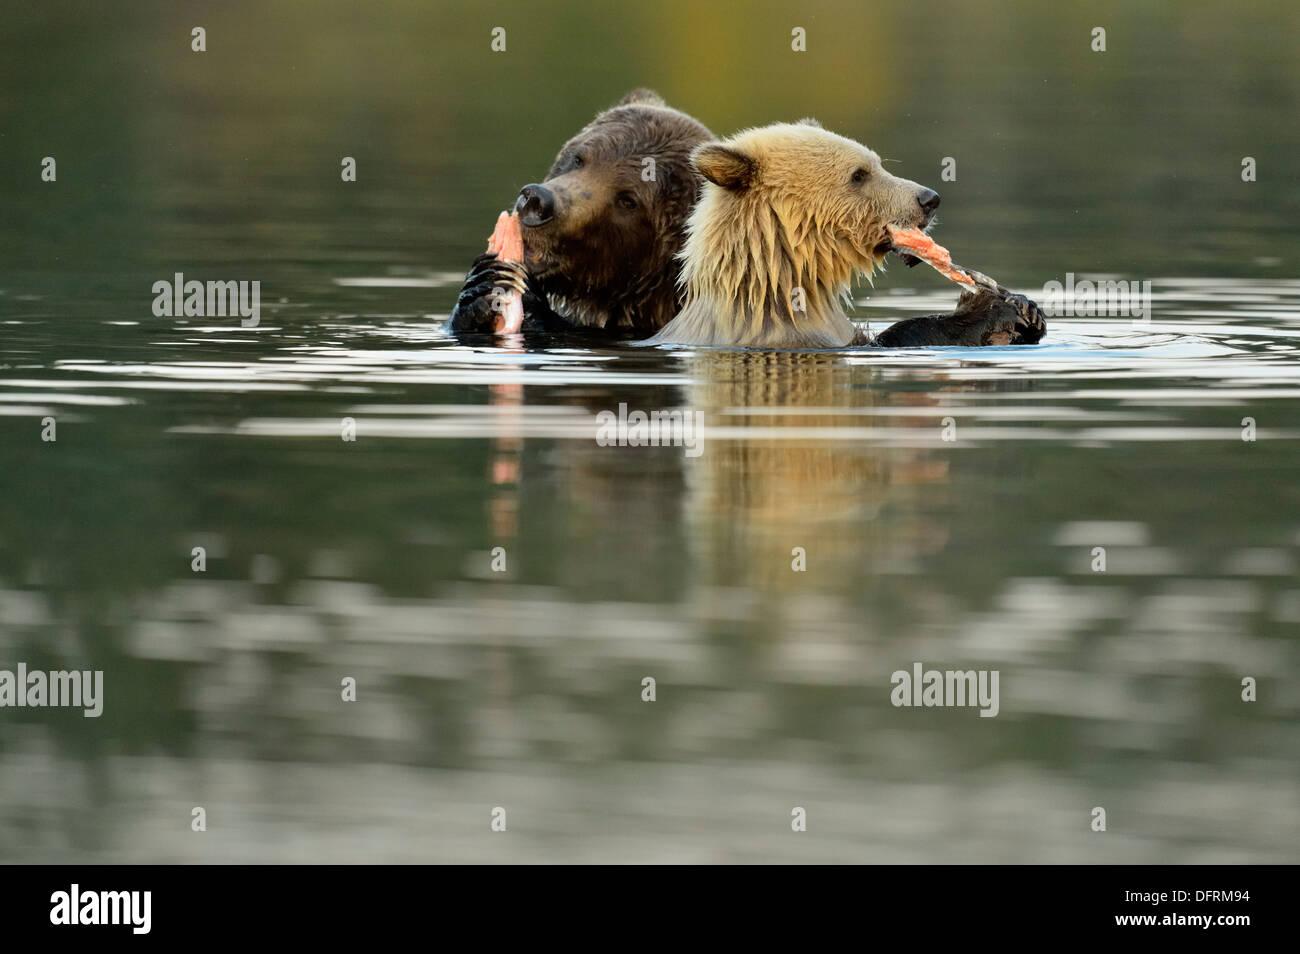 Orso grizzly Ursus arctos primo anno cucciolo bianco e marrone alimentazione madre sul salmone Chilcotin deserto interno BC Canada Immagini Stock